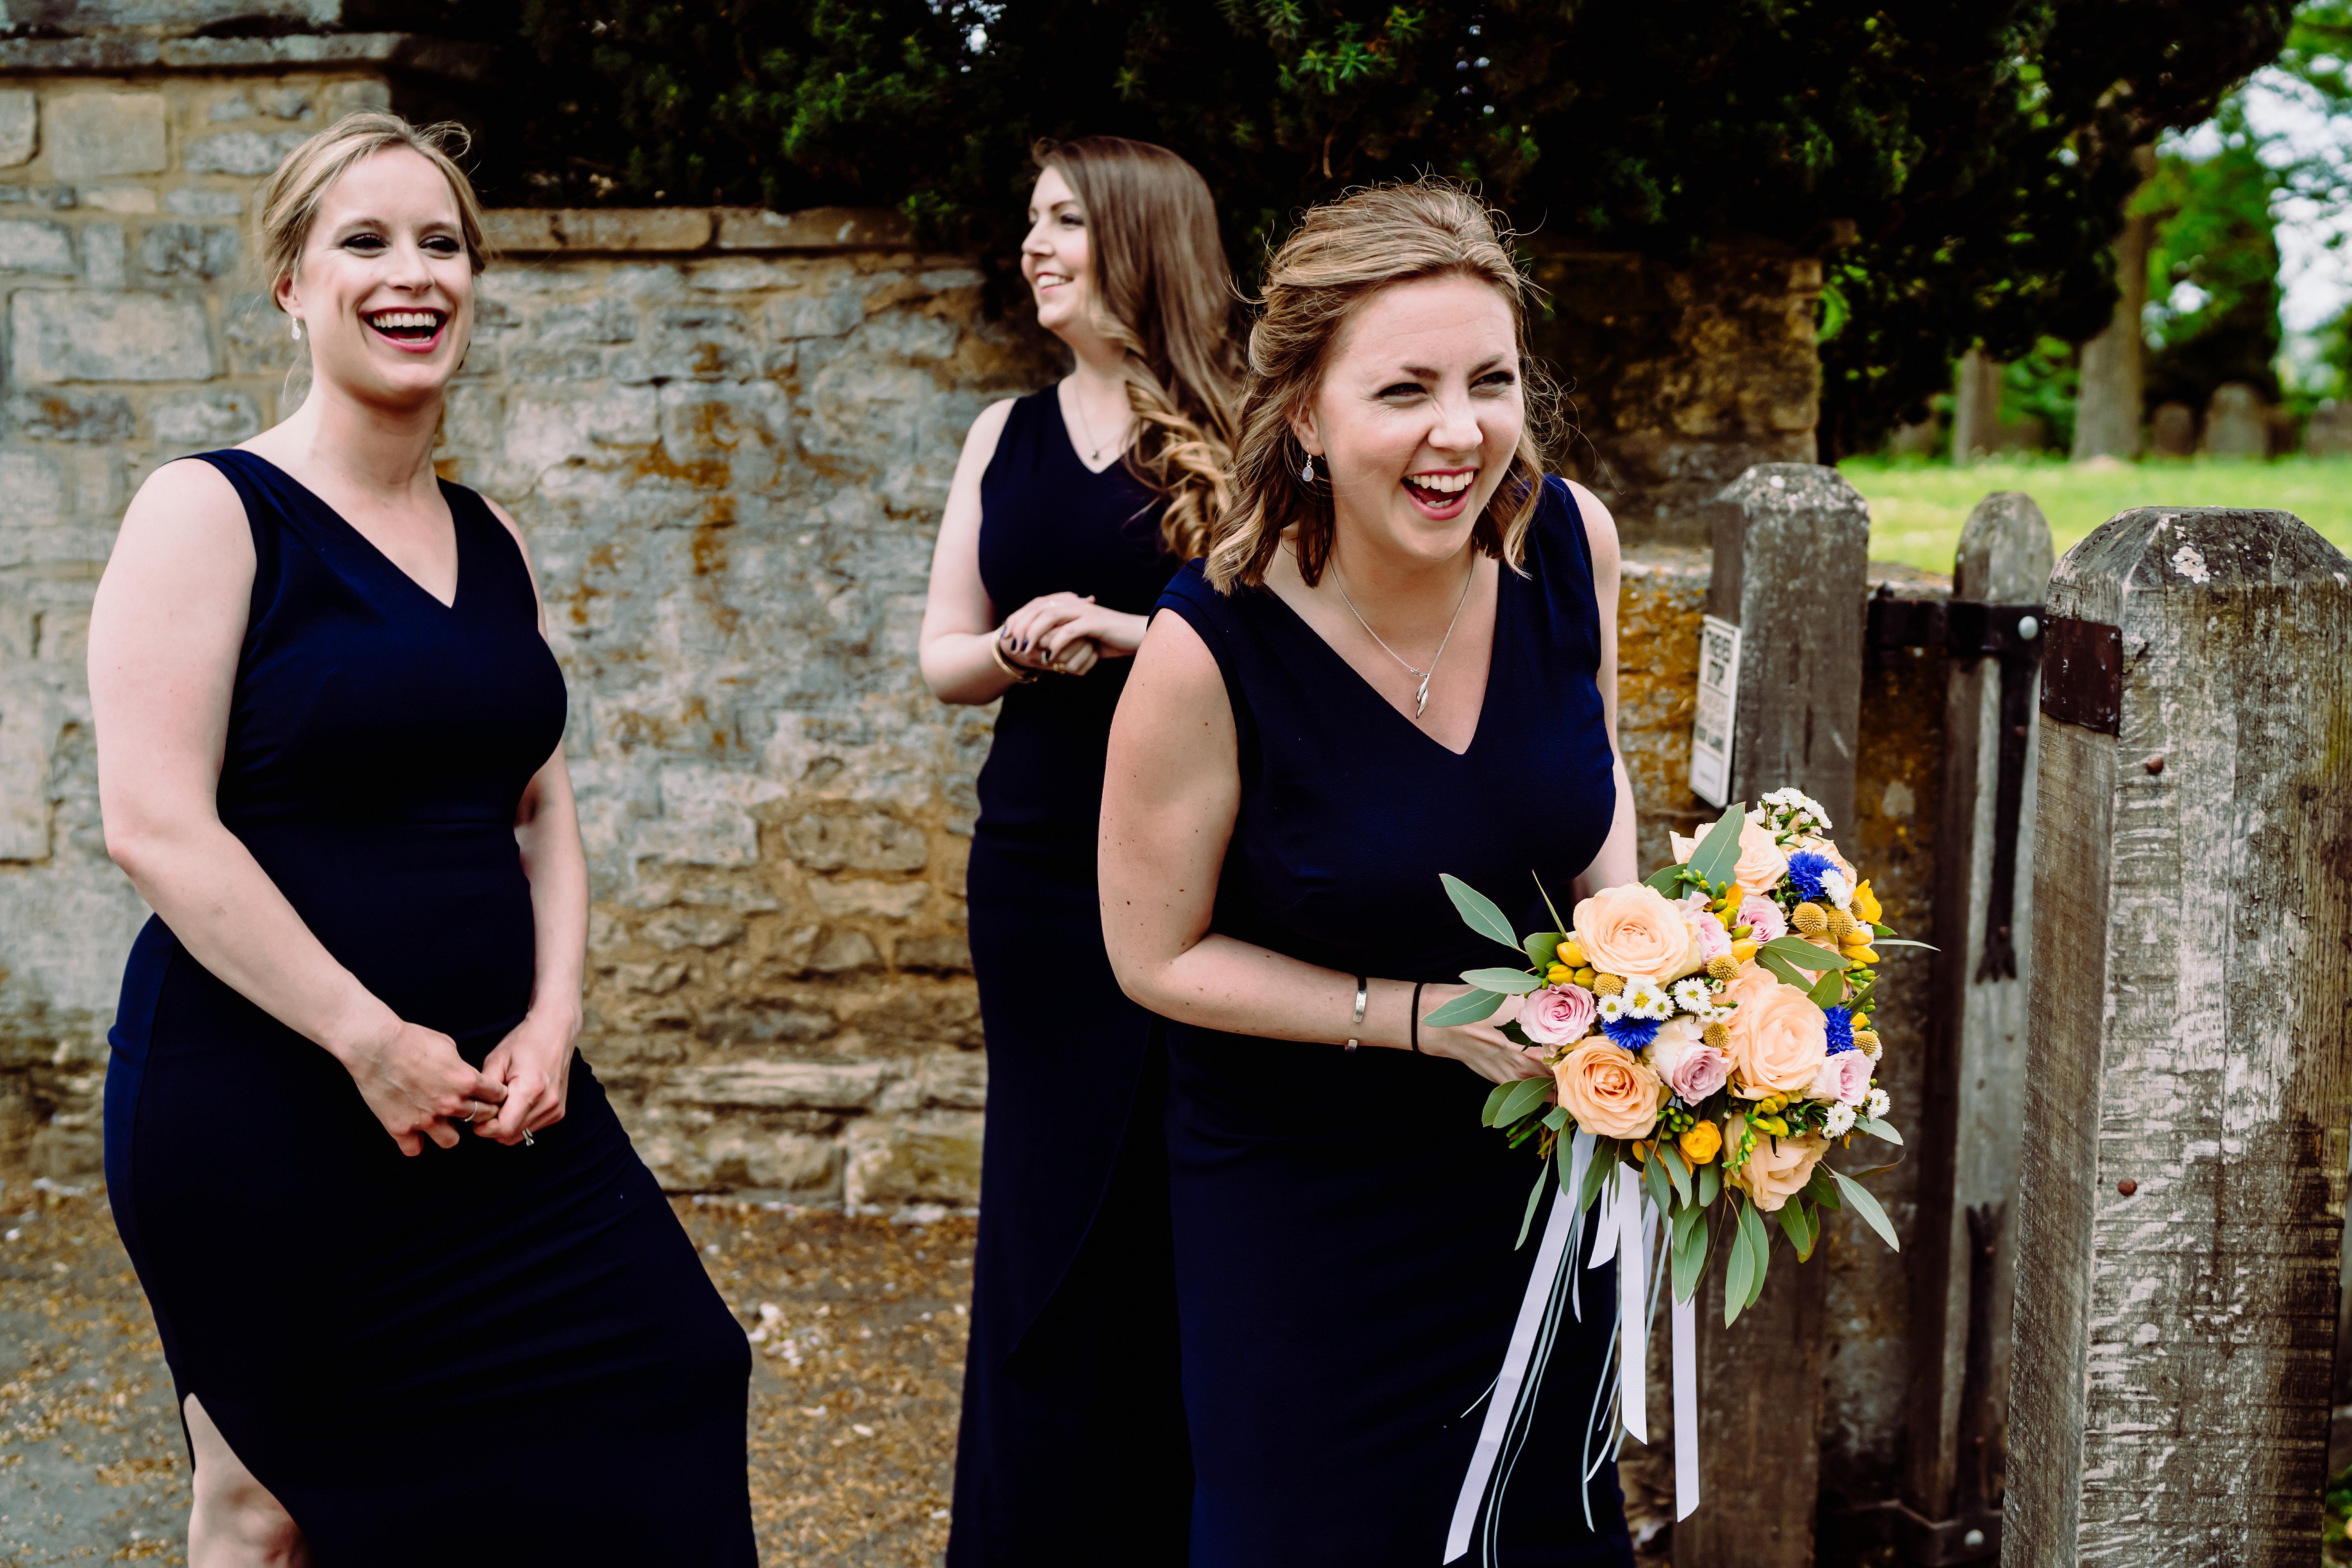 bridesmaids at a church